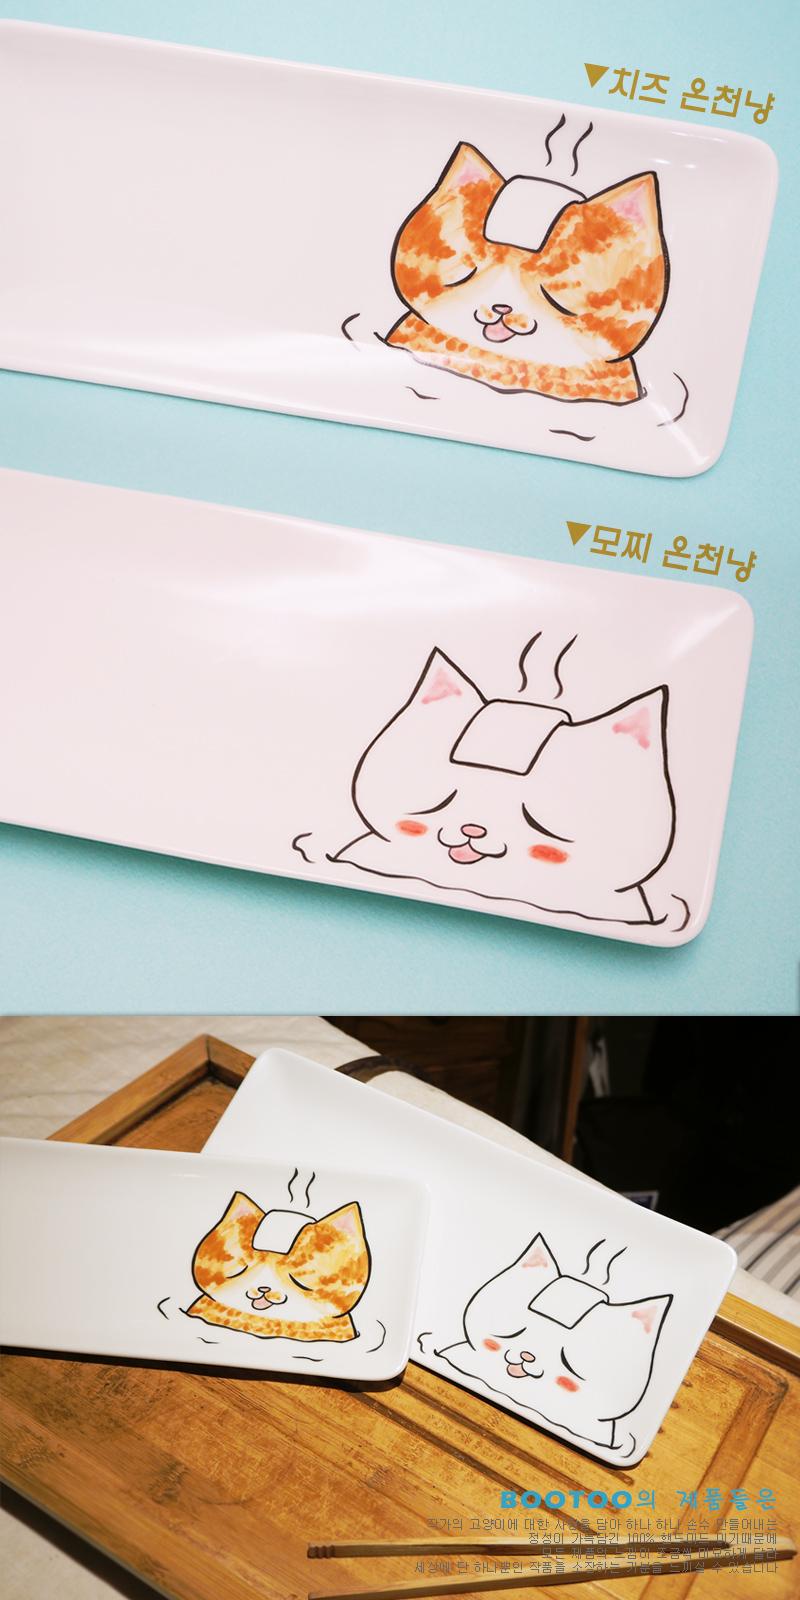 온천냥 직사각 접시 시리즈 - 부뚜막 고양이, 22,400원, 접시/찬기, 접시